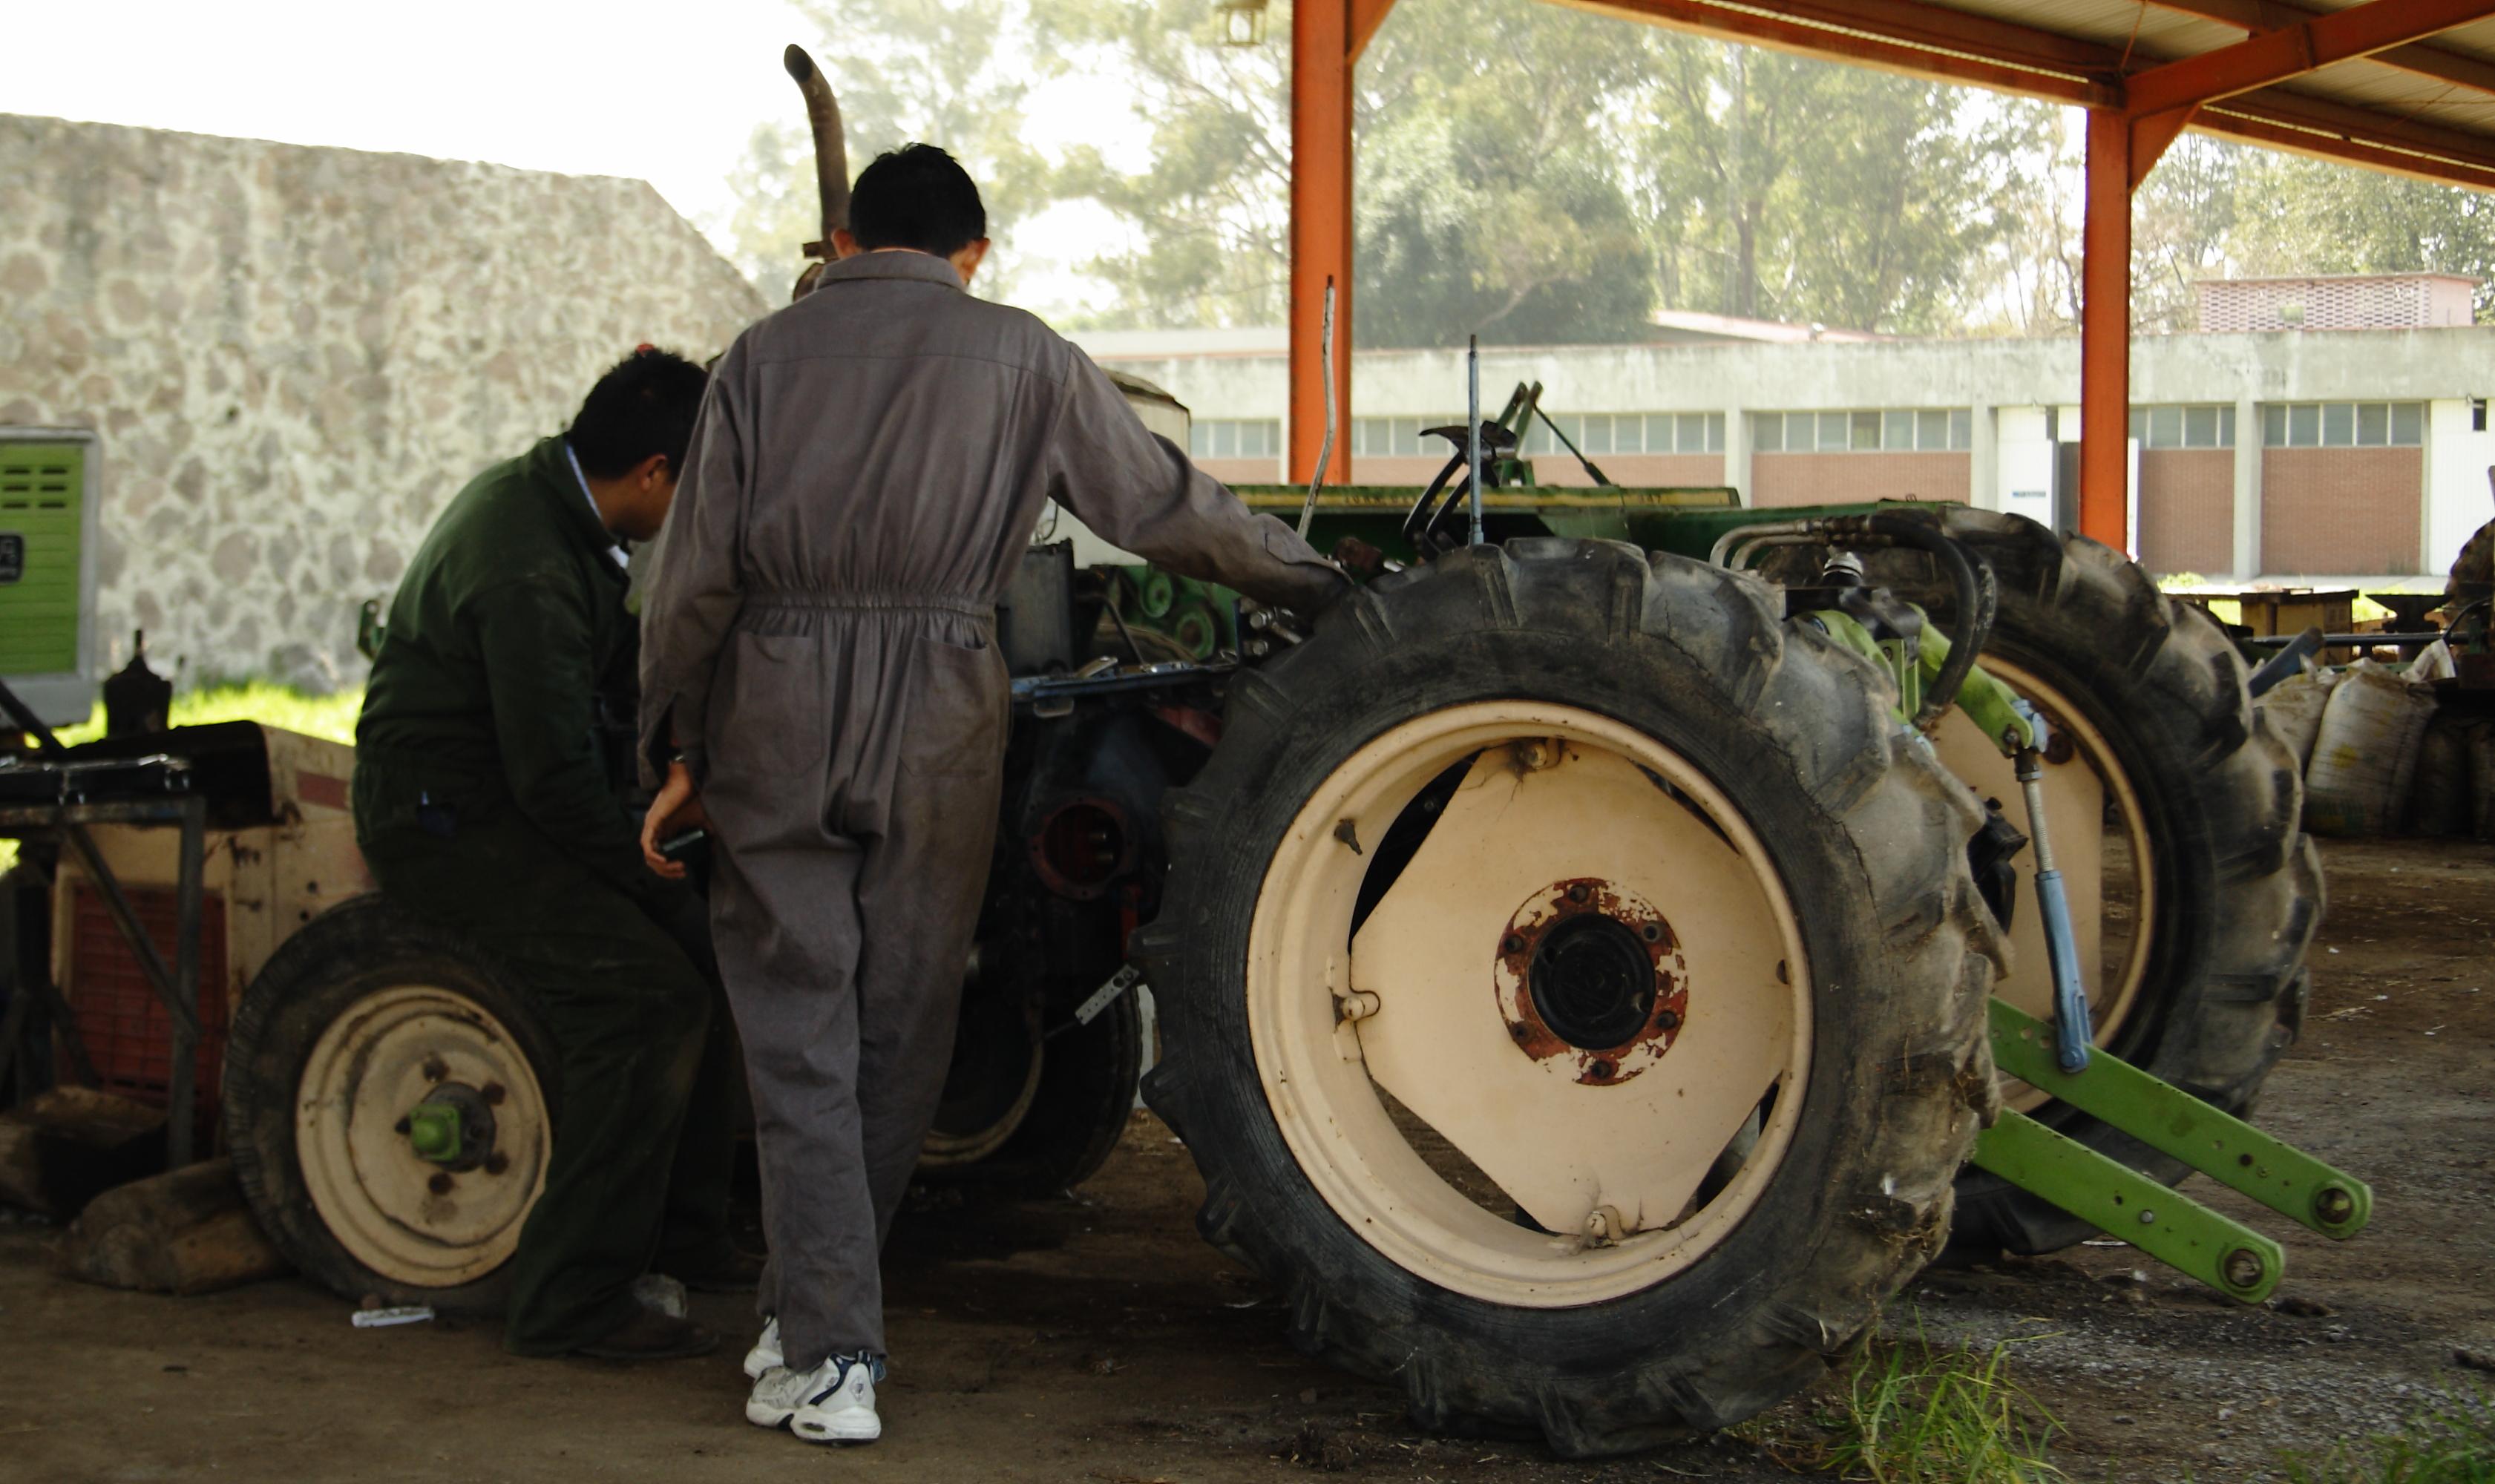 Archivo:Reparación de tractor.JPG - Wikipedia, la enciclopedia libre